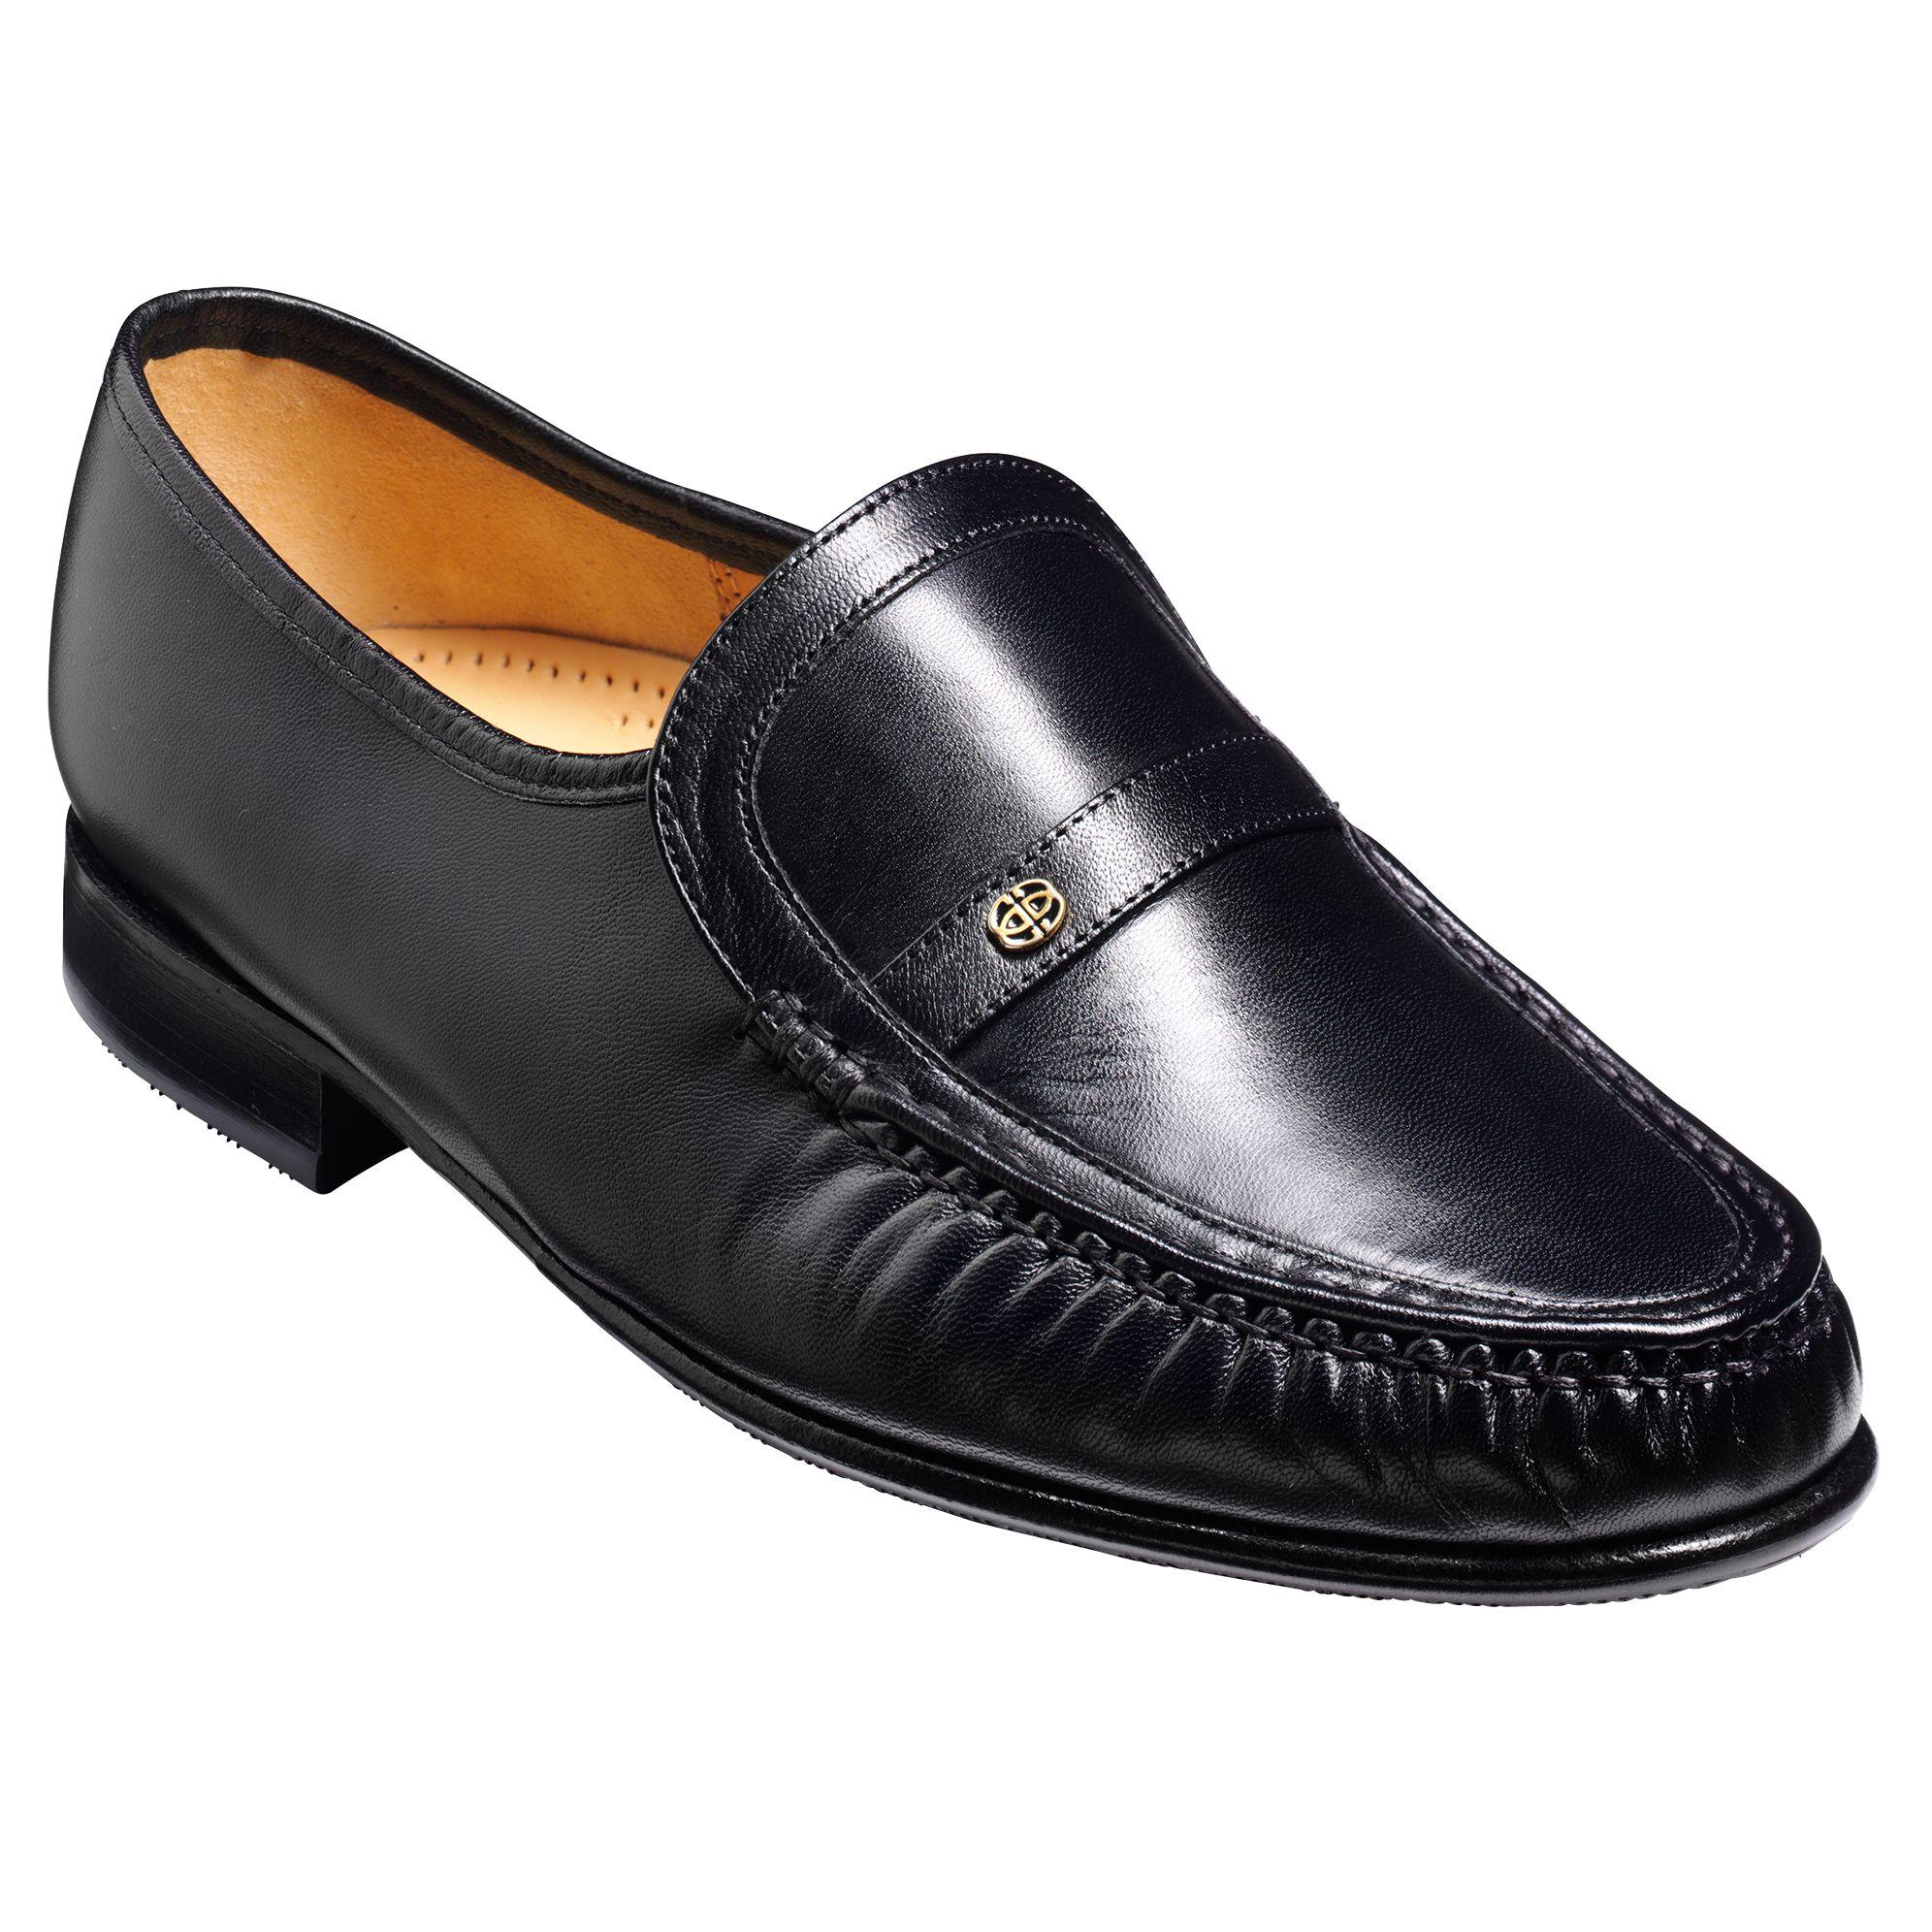 Barker Barker Jefferson Leather Moccasin Shoes, Black